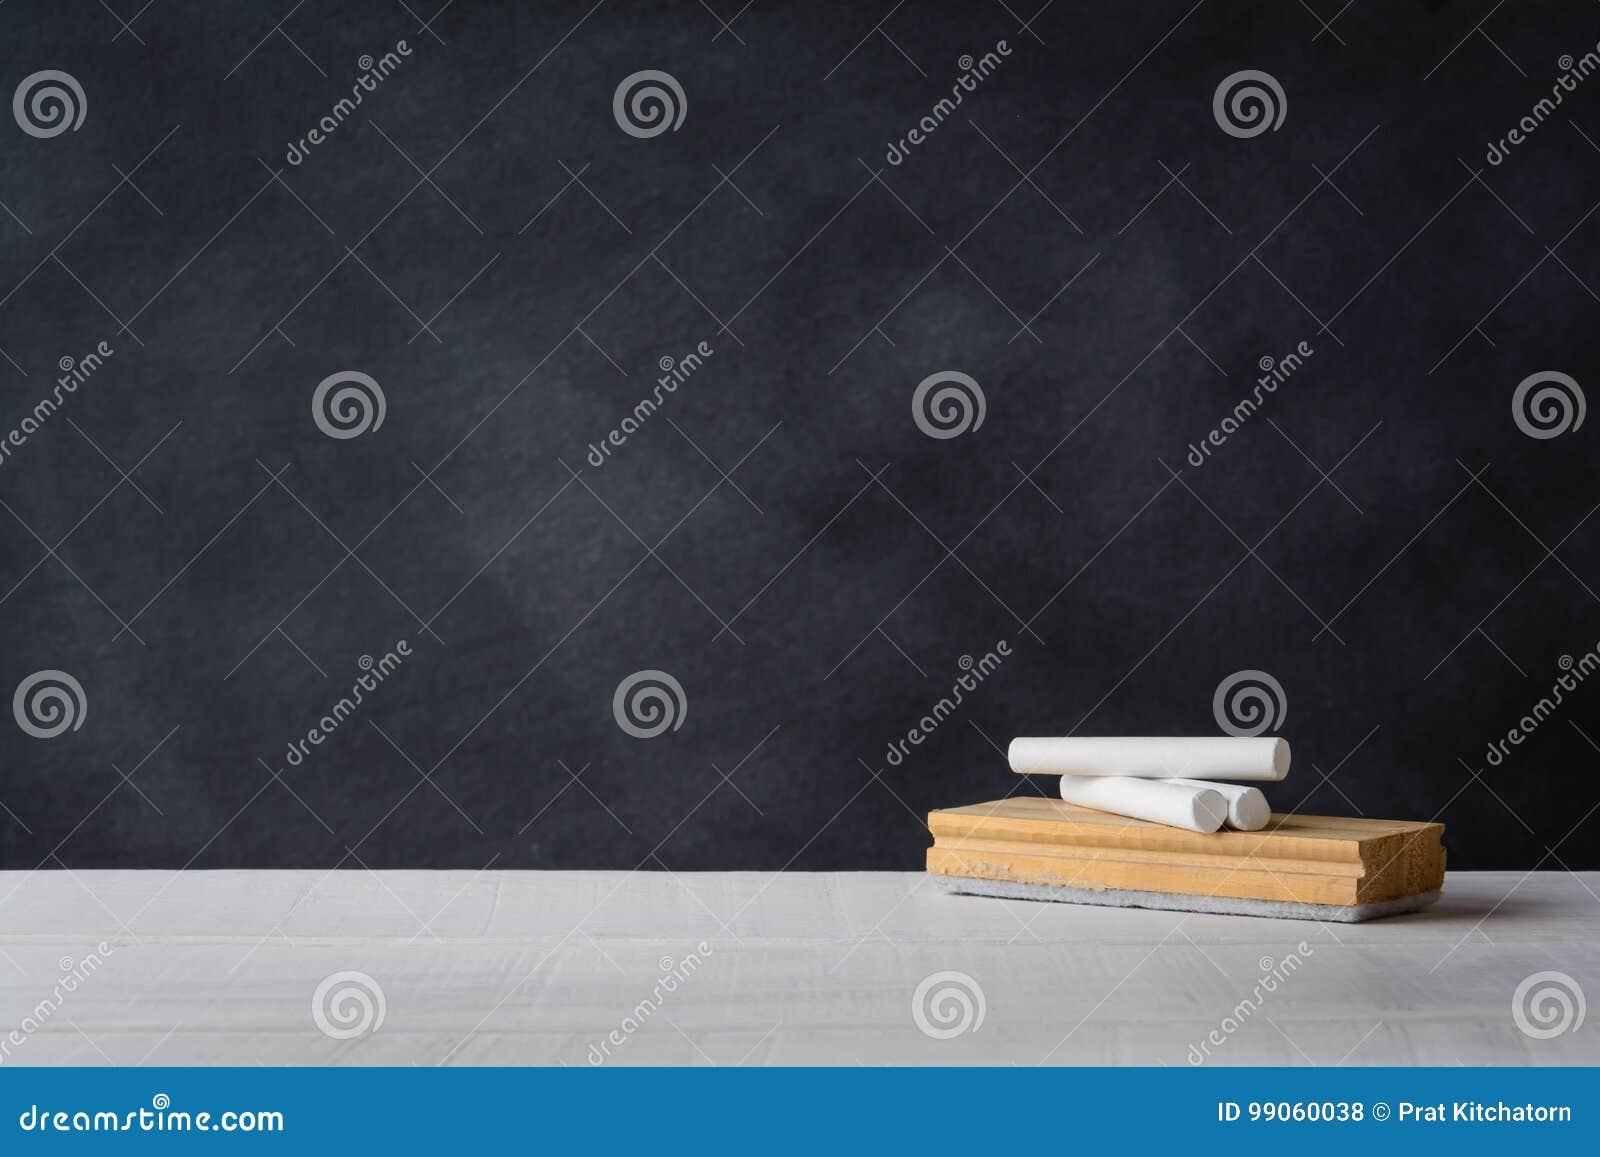 Kreda i gumka wsiadamy na białym biurku Blackboard tło